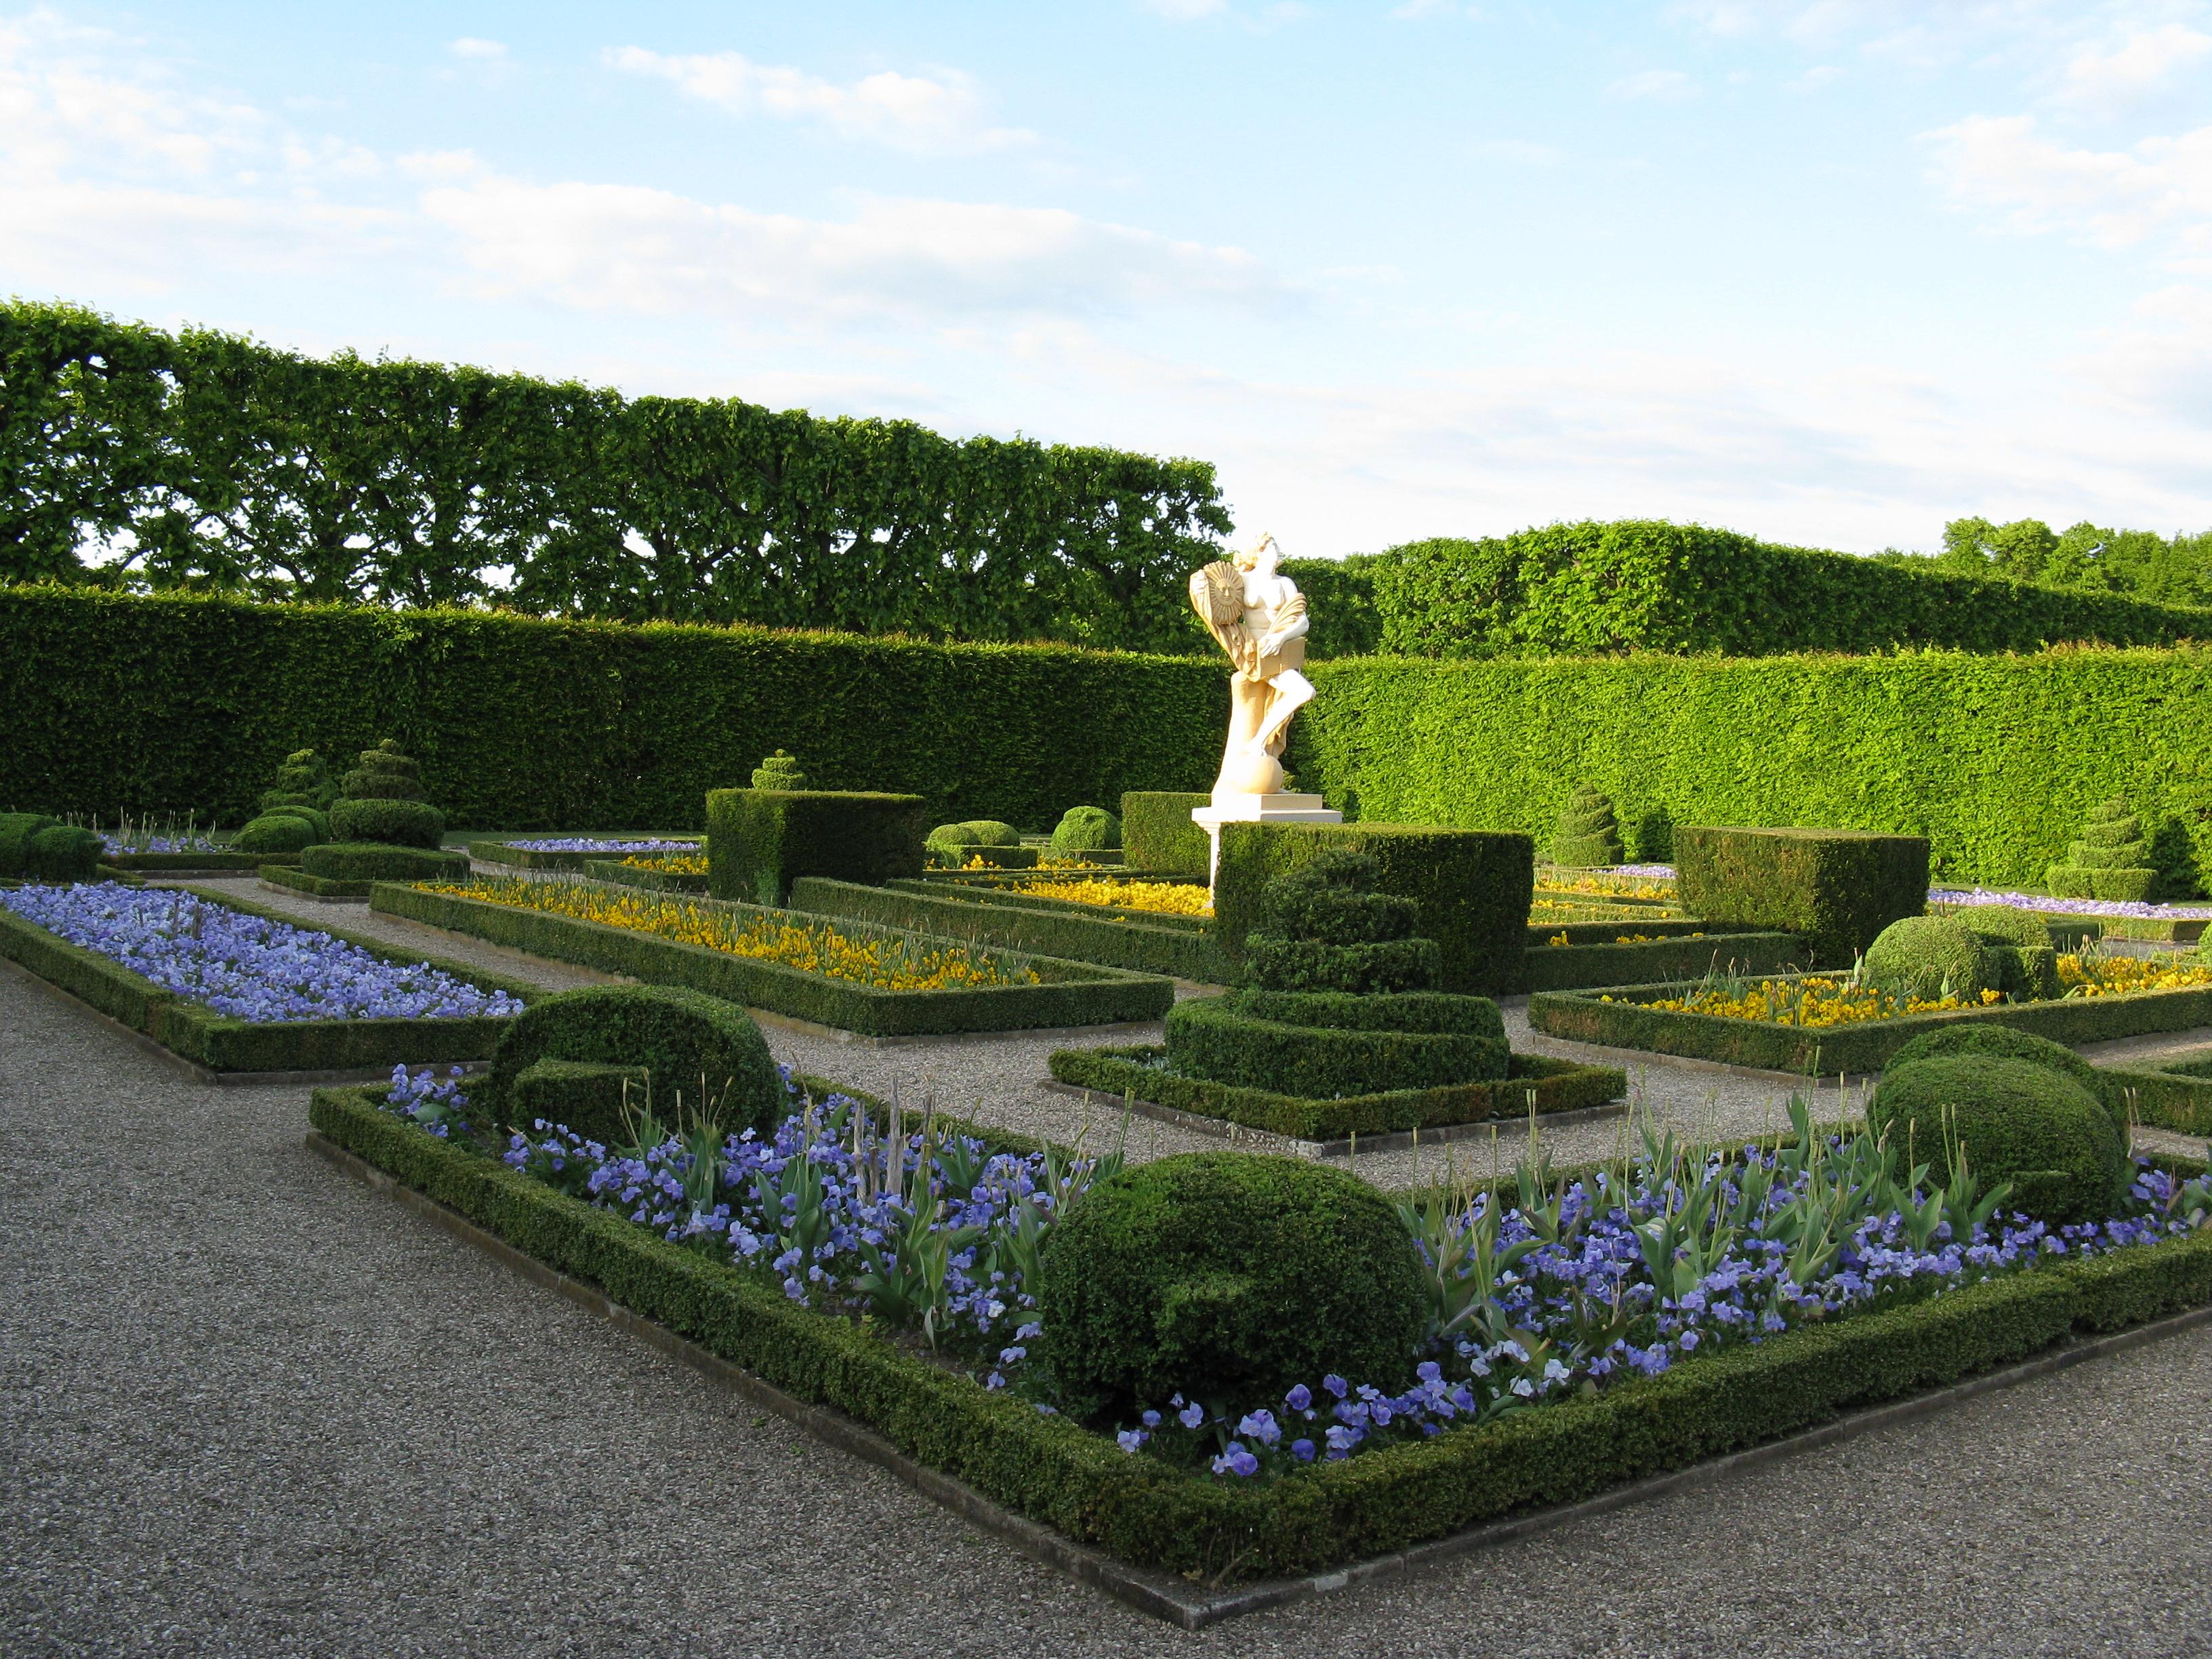 file hannover herrenhausen gro er garten blumengarten jpg wikimedia commons. Black Bedroom Furniture Sets. Home Design Ideas